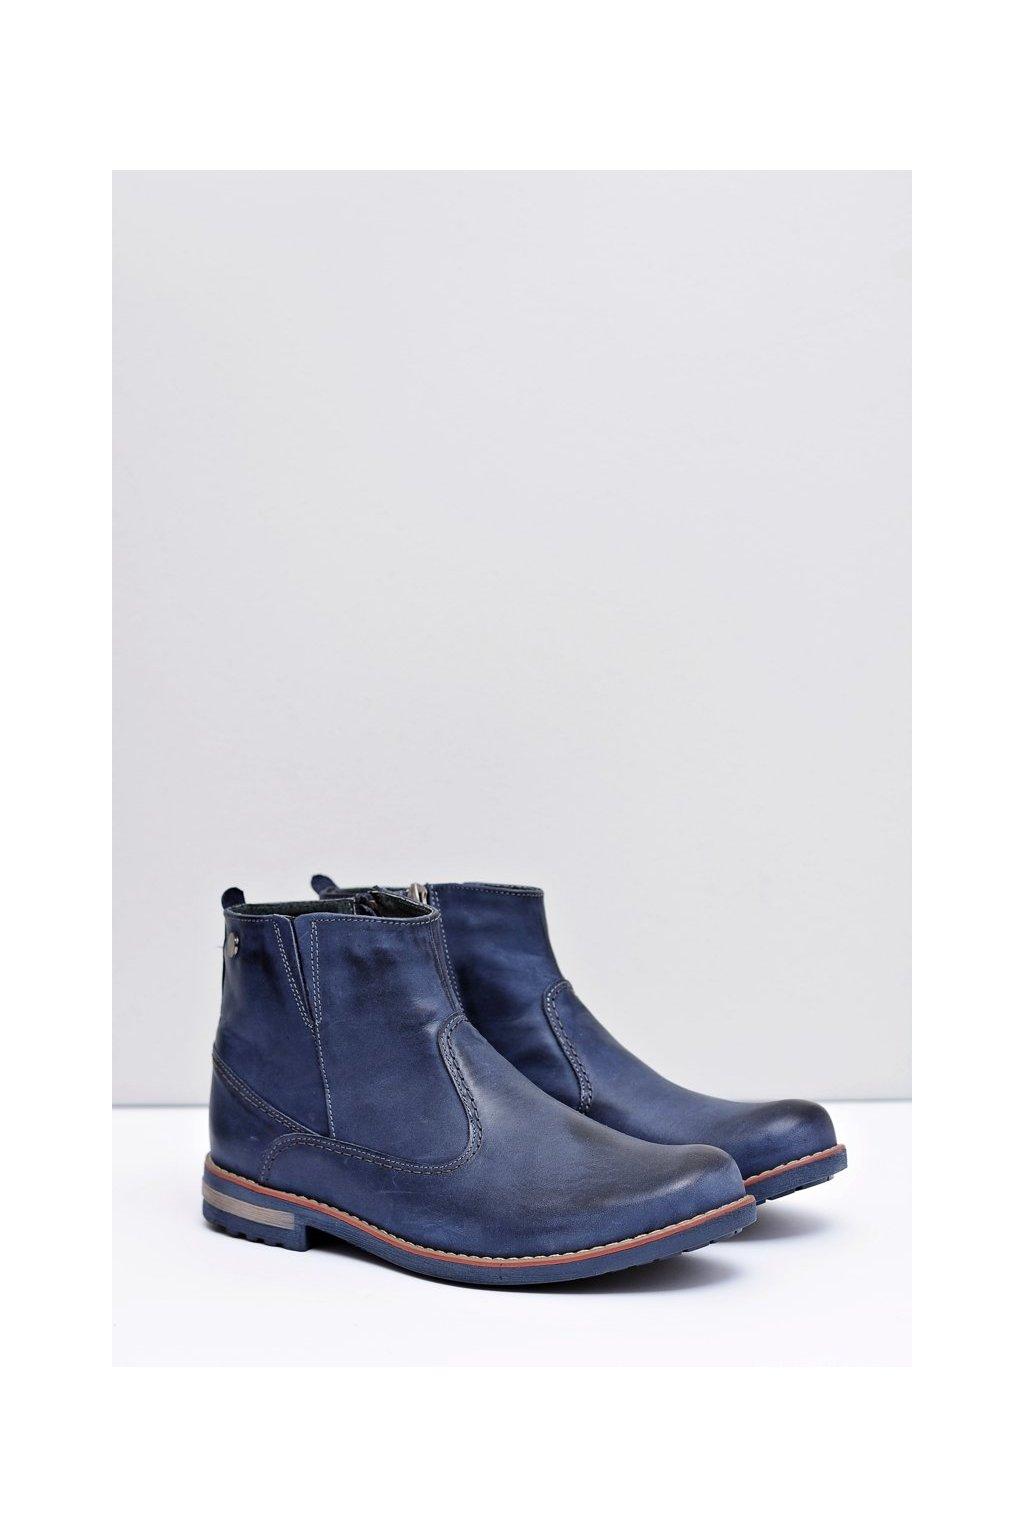 Kožené pánske tmavo modré vysoké topánky Serni